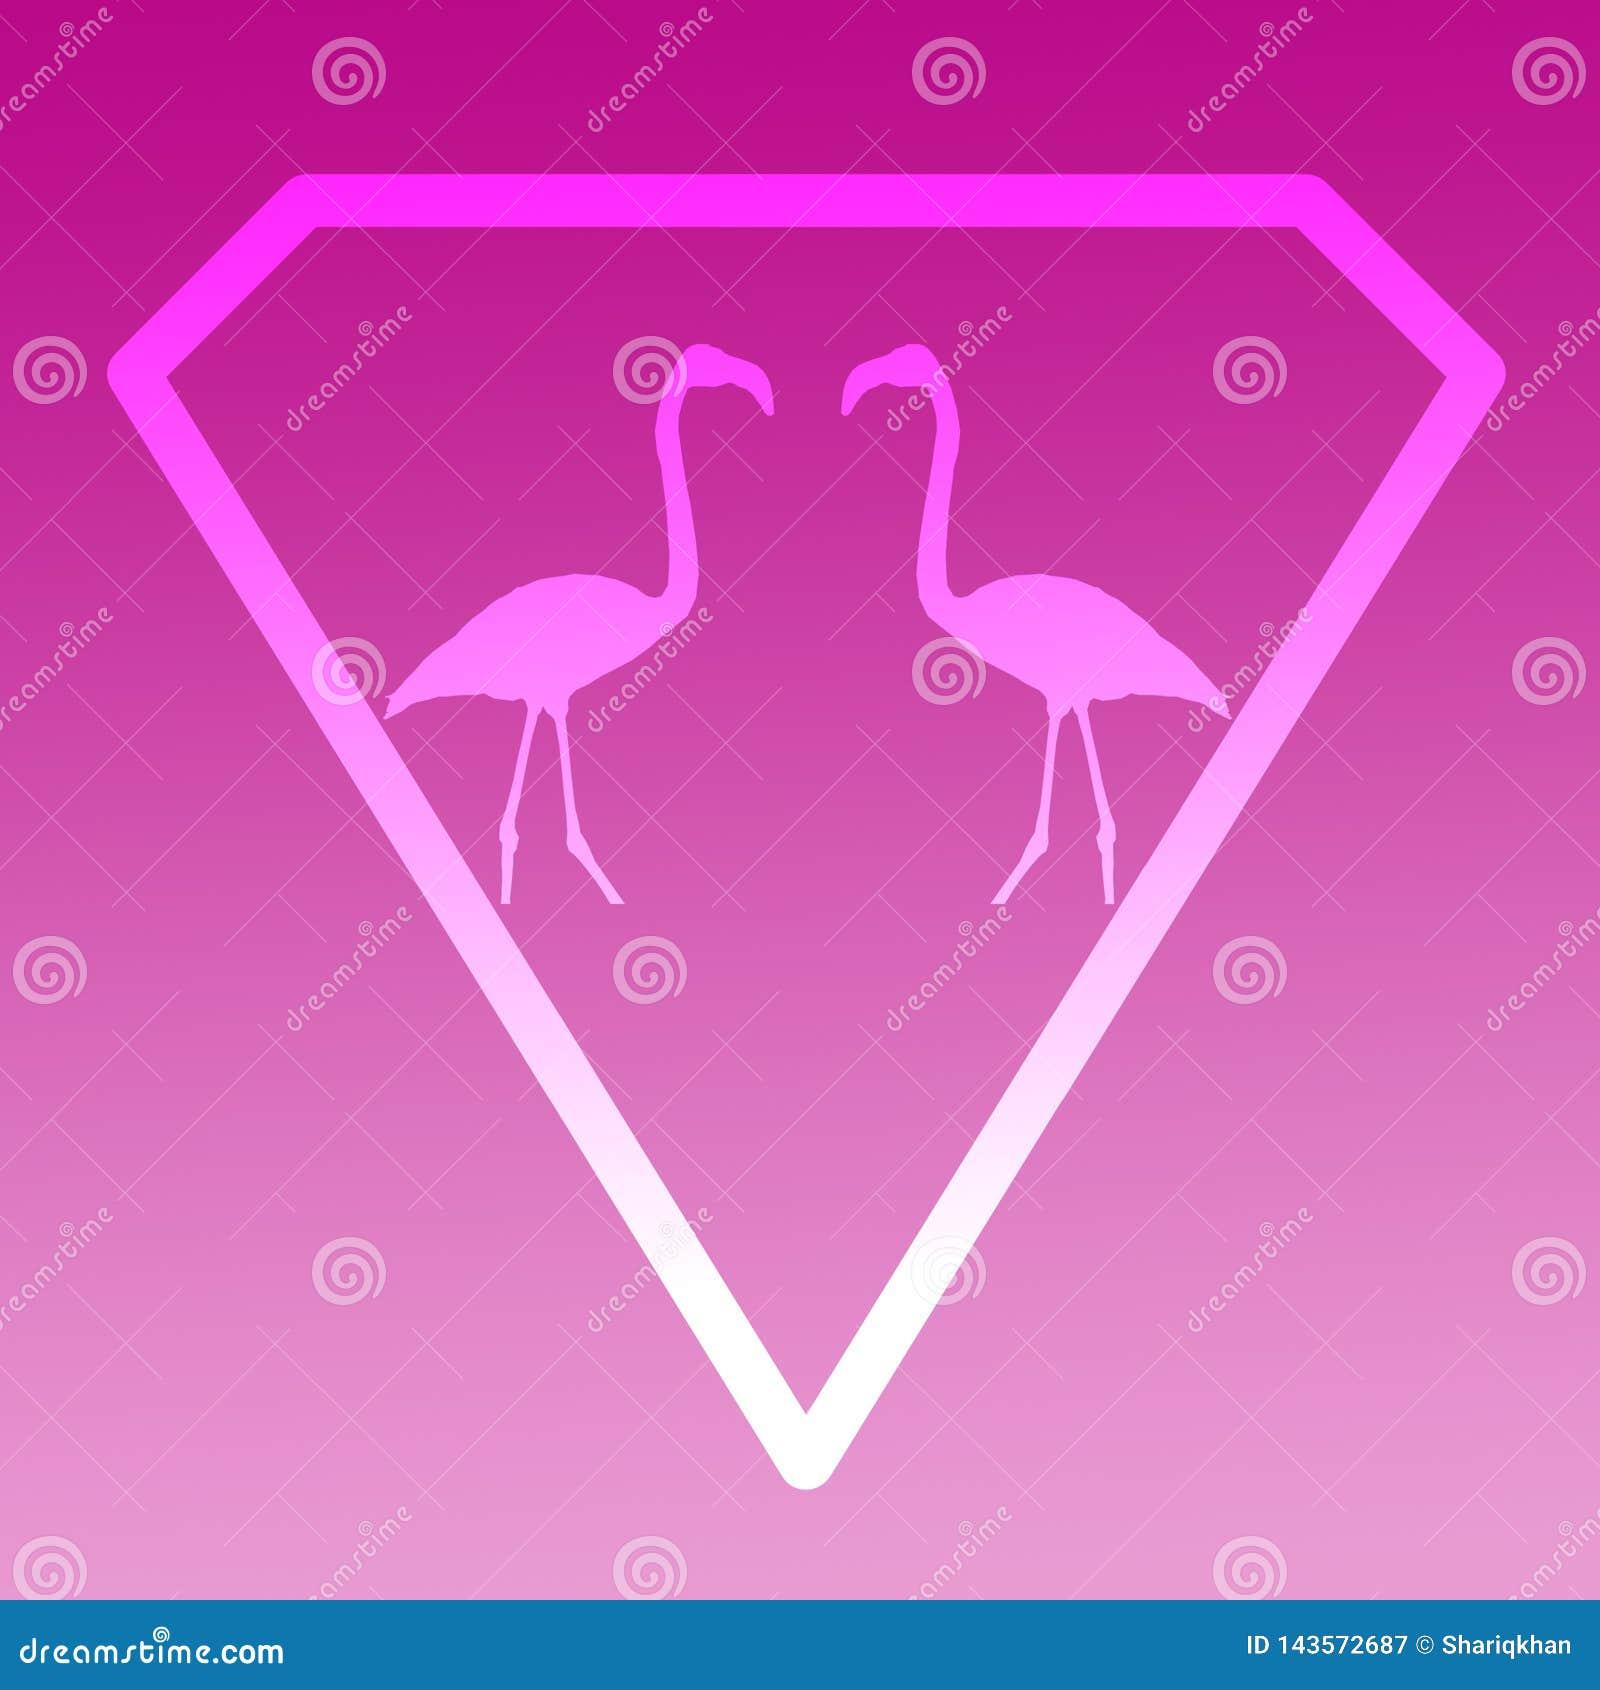 商标横幅图象在金刚石形状的飞鸟火鸟在洋红色背景